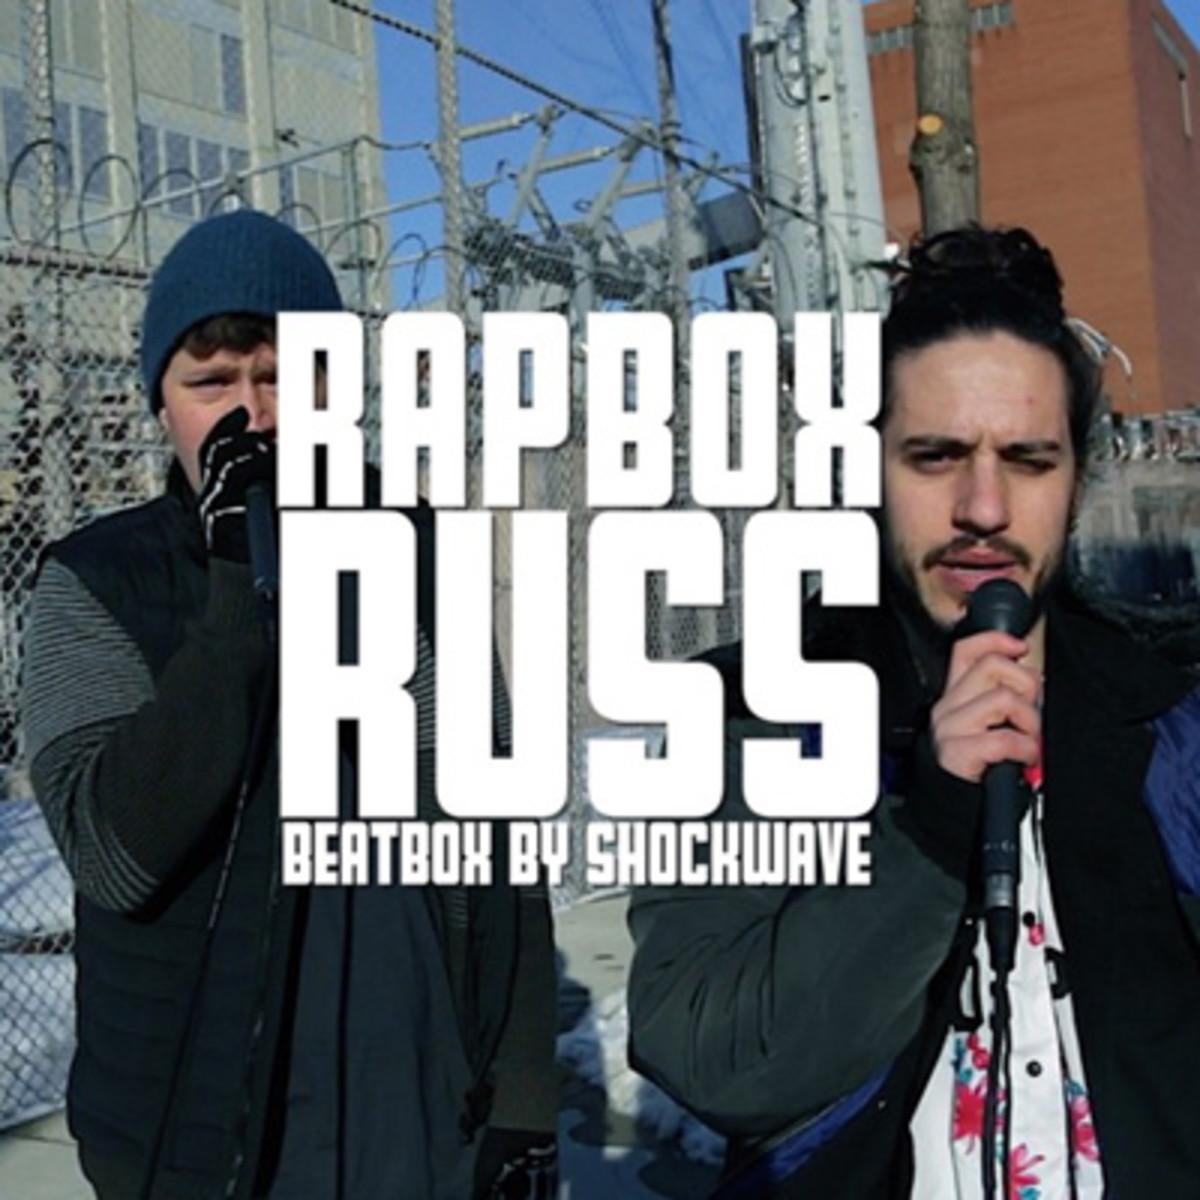 russ-djbooth-rapbox.jpg